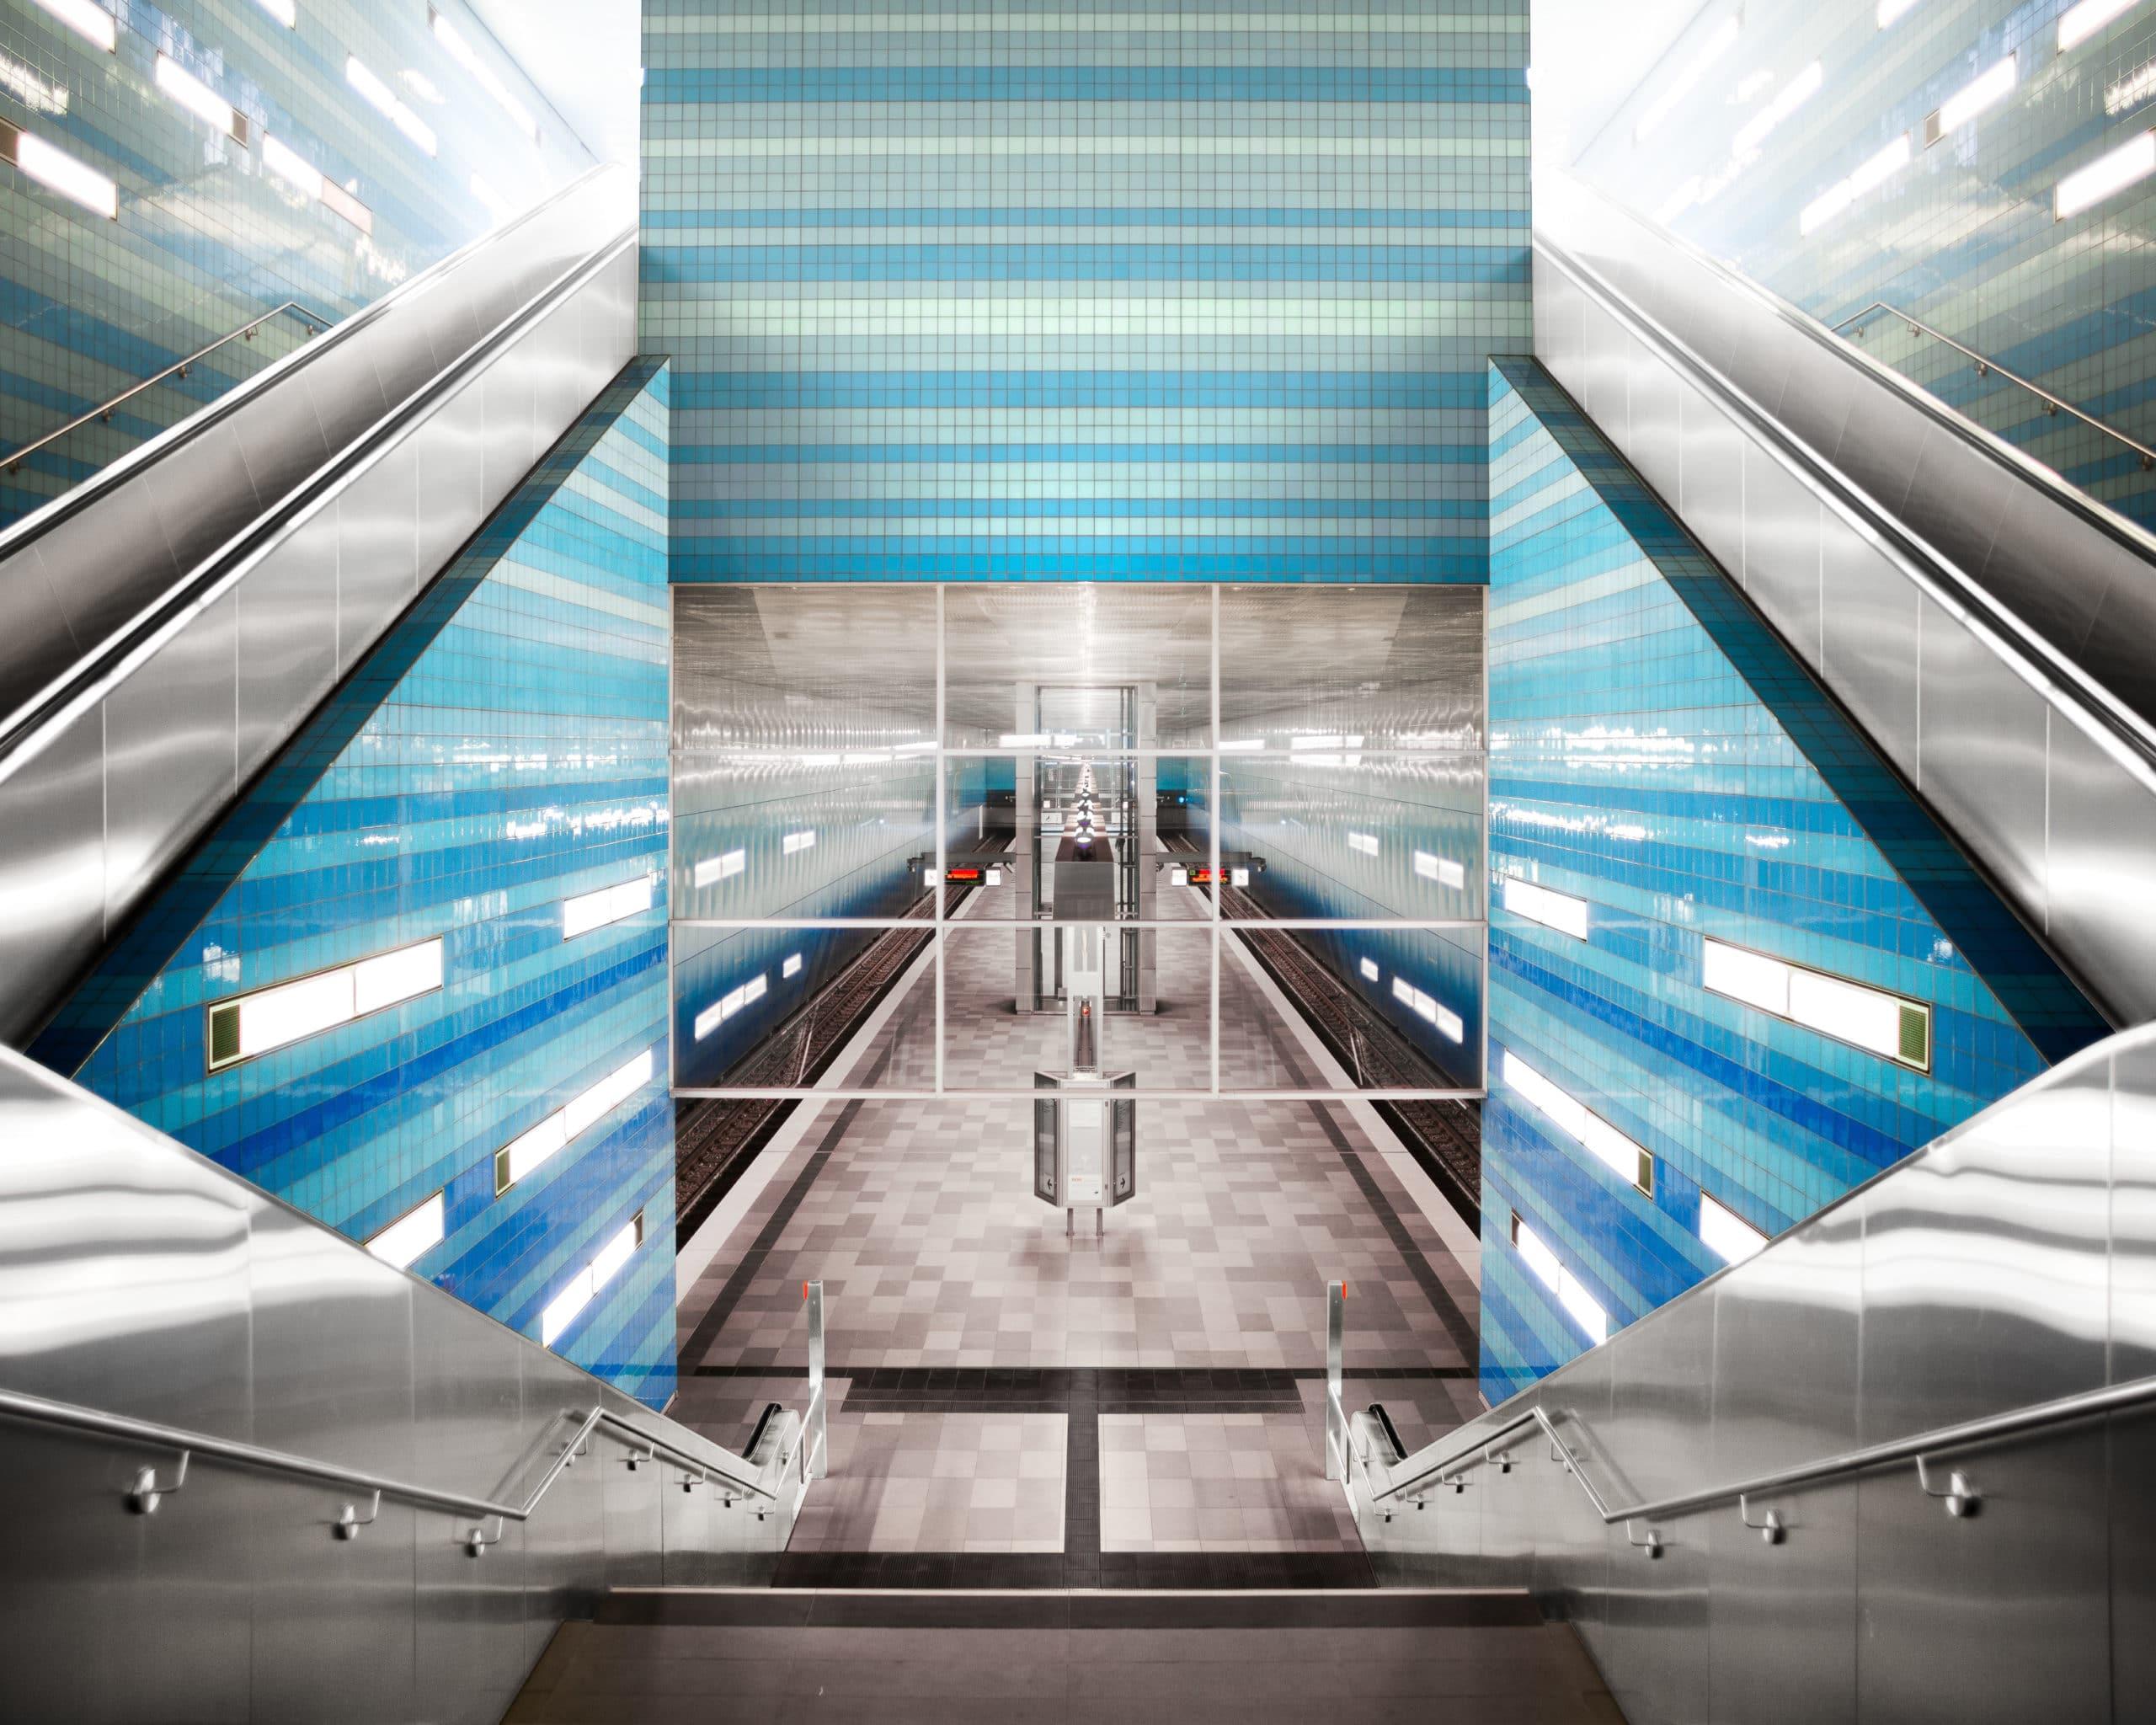 Symmetrische Architektur Aufnahme der Haltestelle Hamburg Überseequartier |Architekturfotograf in Osnabrück Münster Bielefeld NRW Niedersachsen und bundesweit